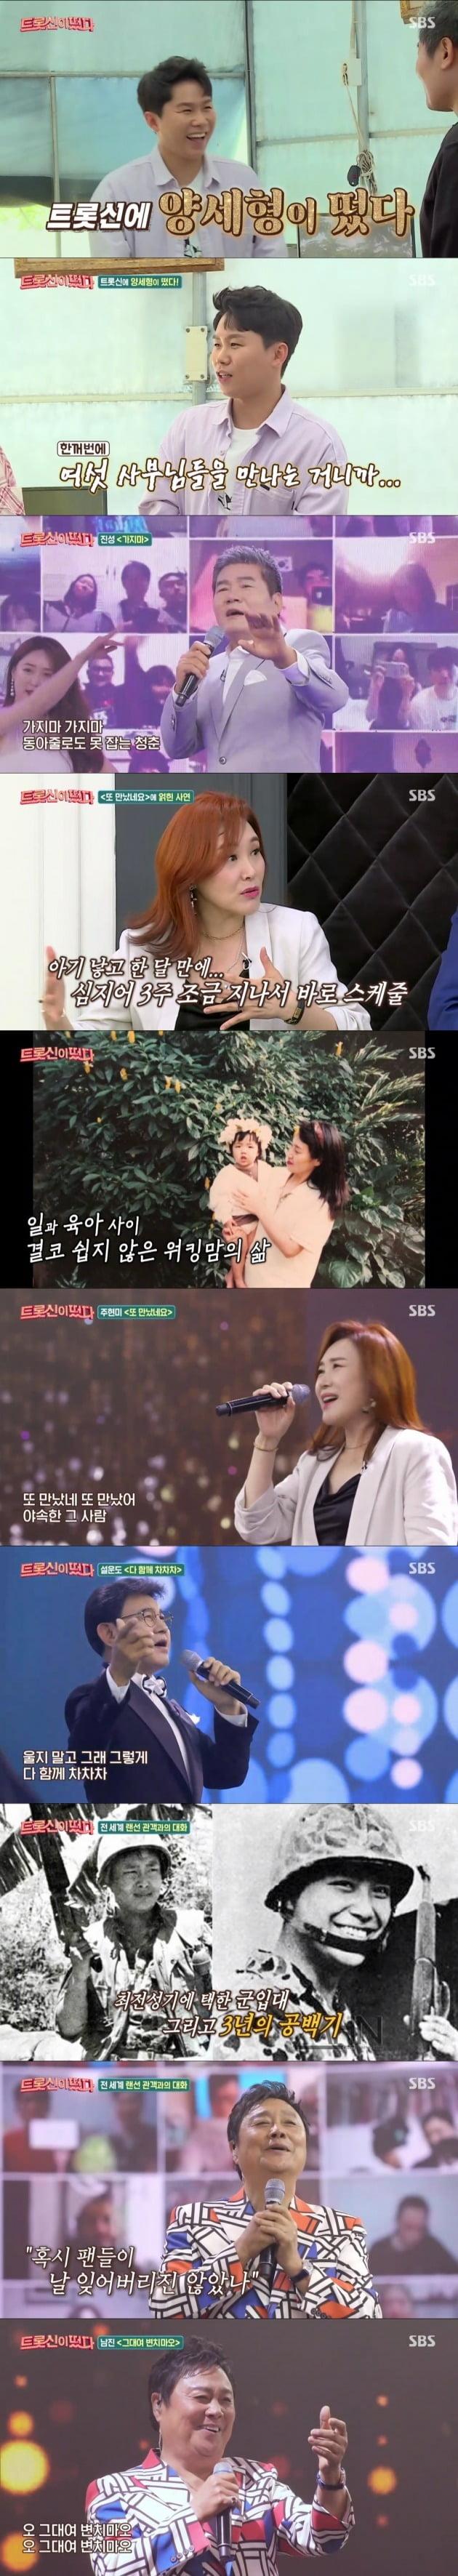 '트롯신이 떴다' 진성, 주현미, 설운도, 남진이 감동적인 무대를 선사했다. / 사진제공=SBS